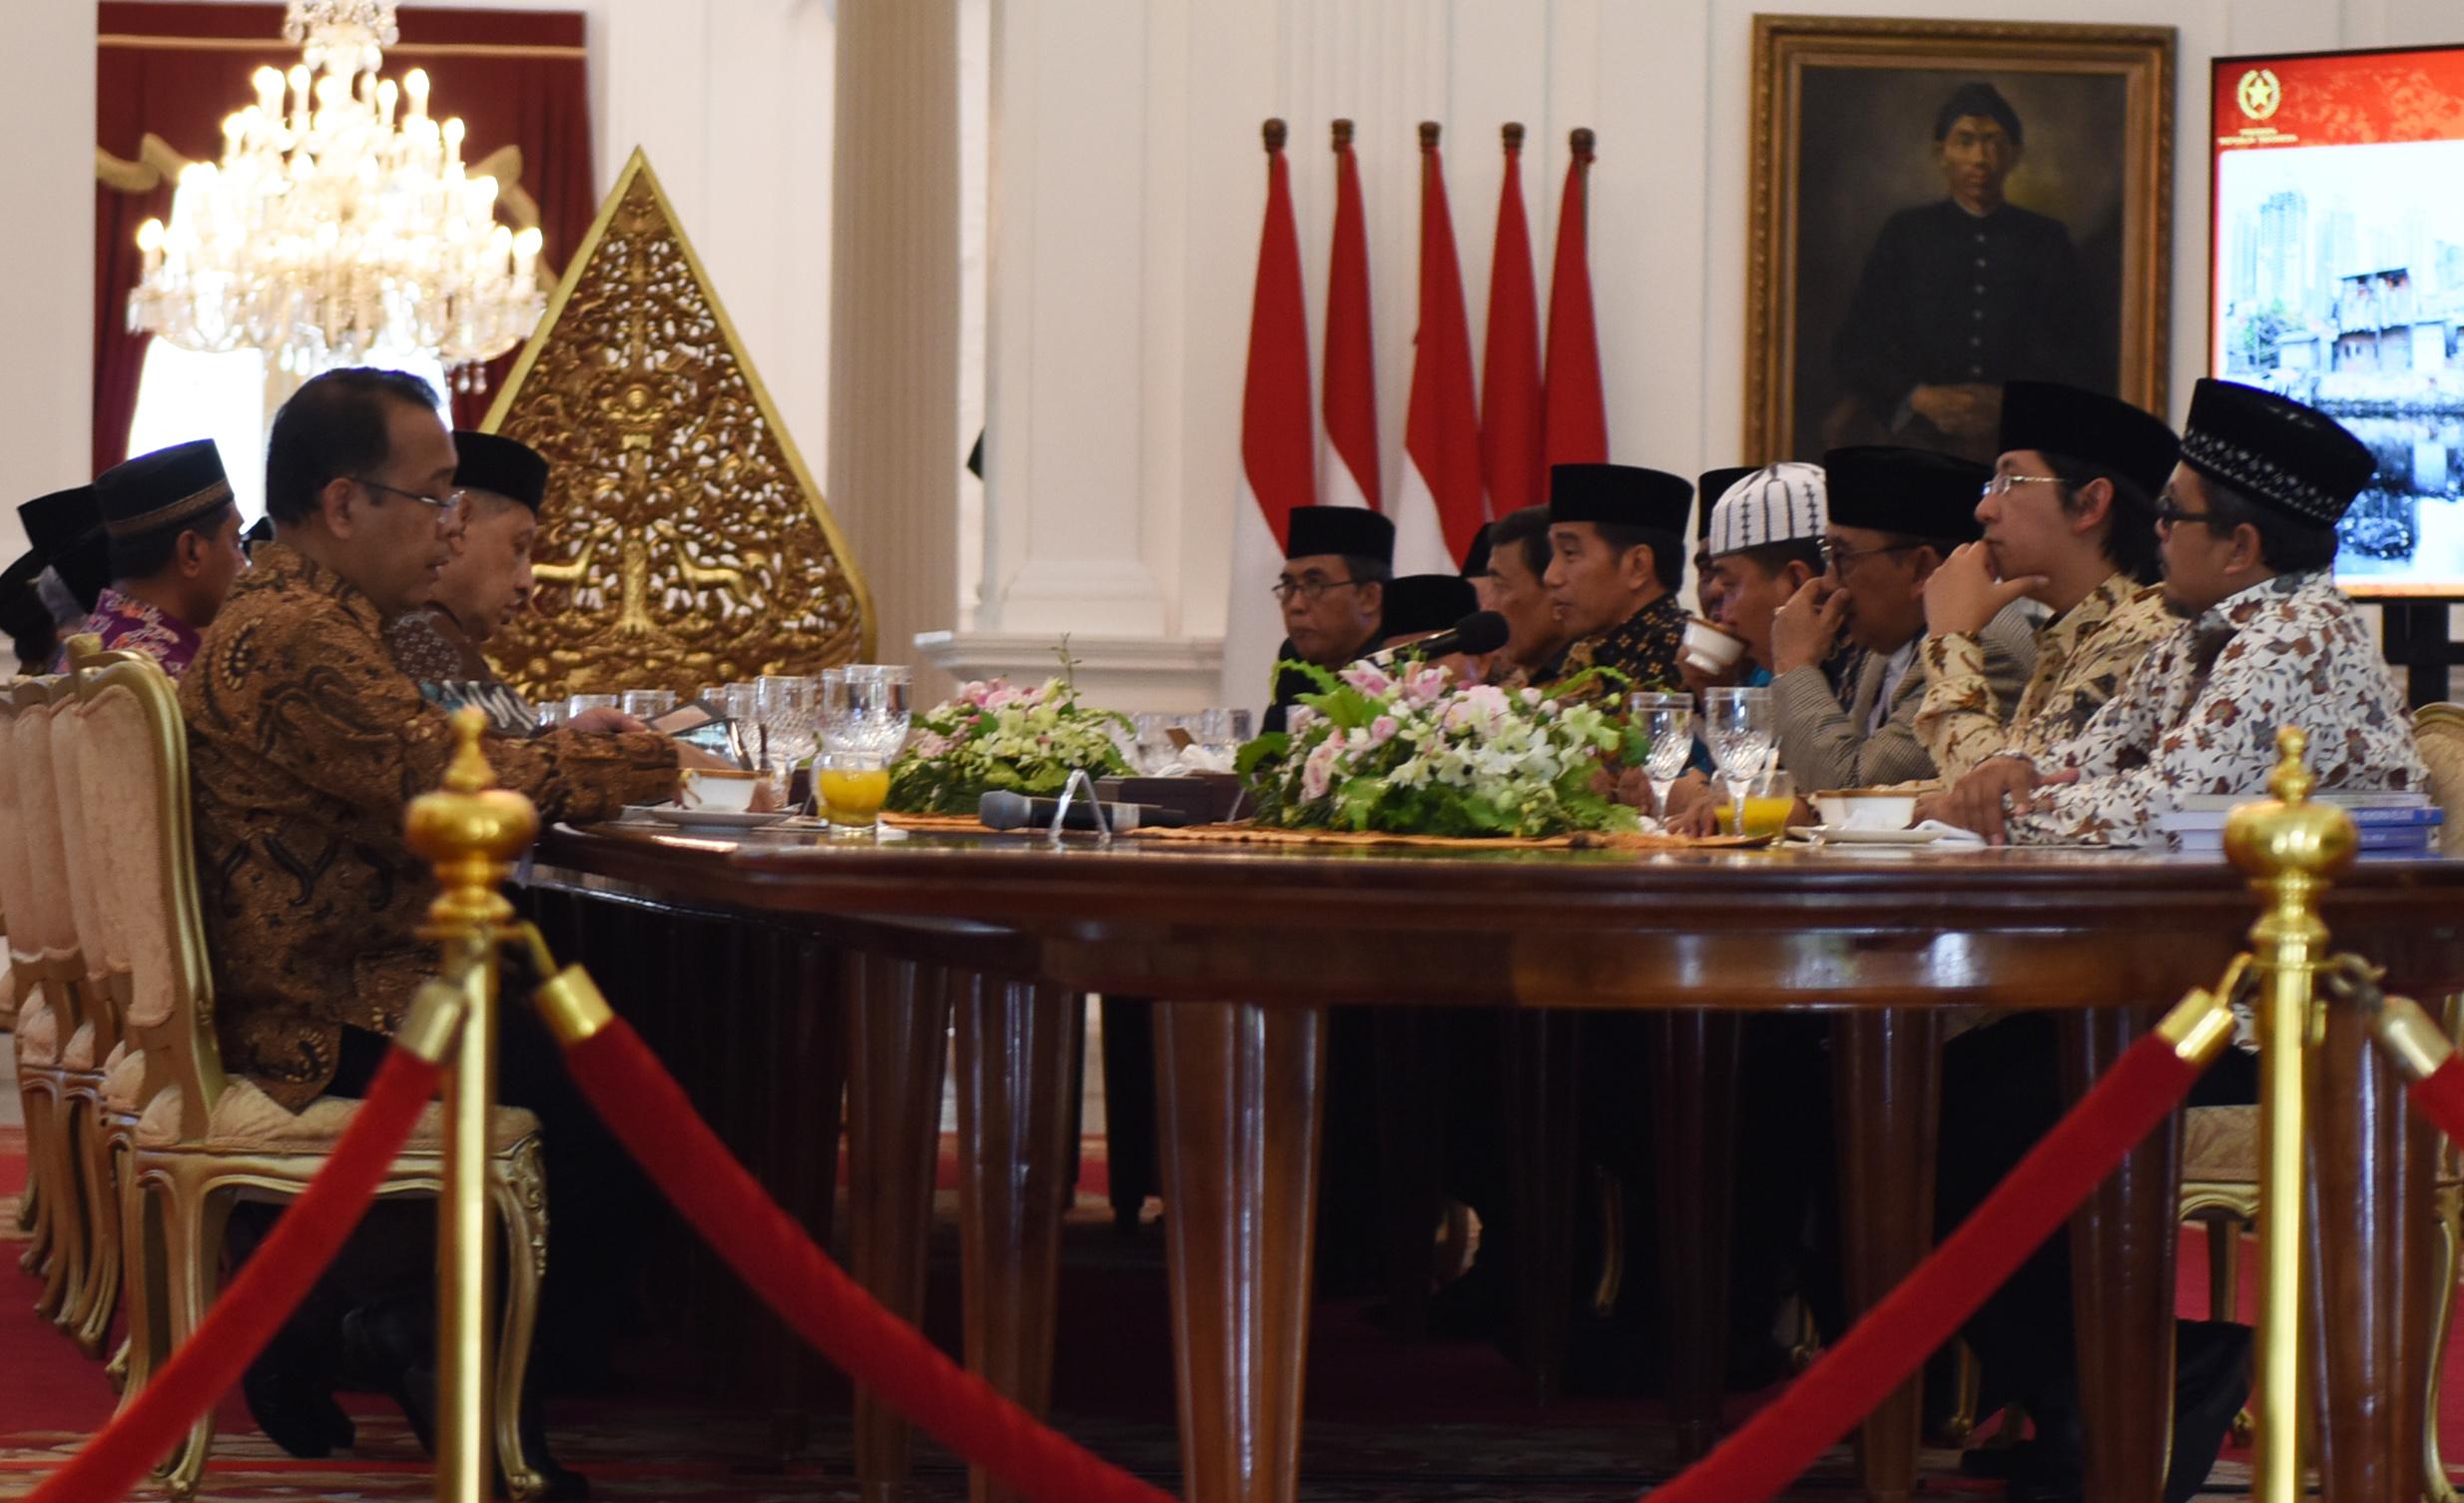 Presiden Jokowi menerima ulama dari berbagai daerah di tanah air, di Istana Merdeka, Jakarta, Selasa (4/4) siang. (Foto: Humas/Rahmat)